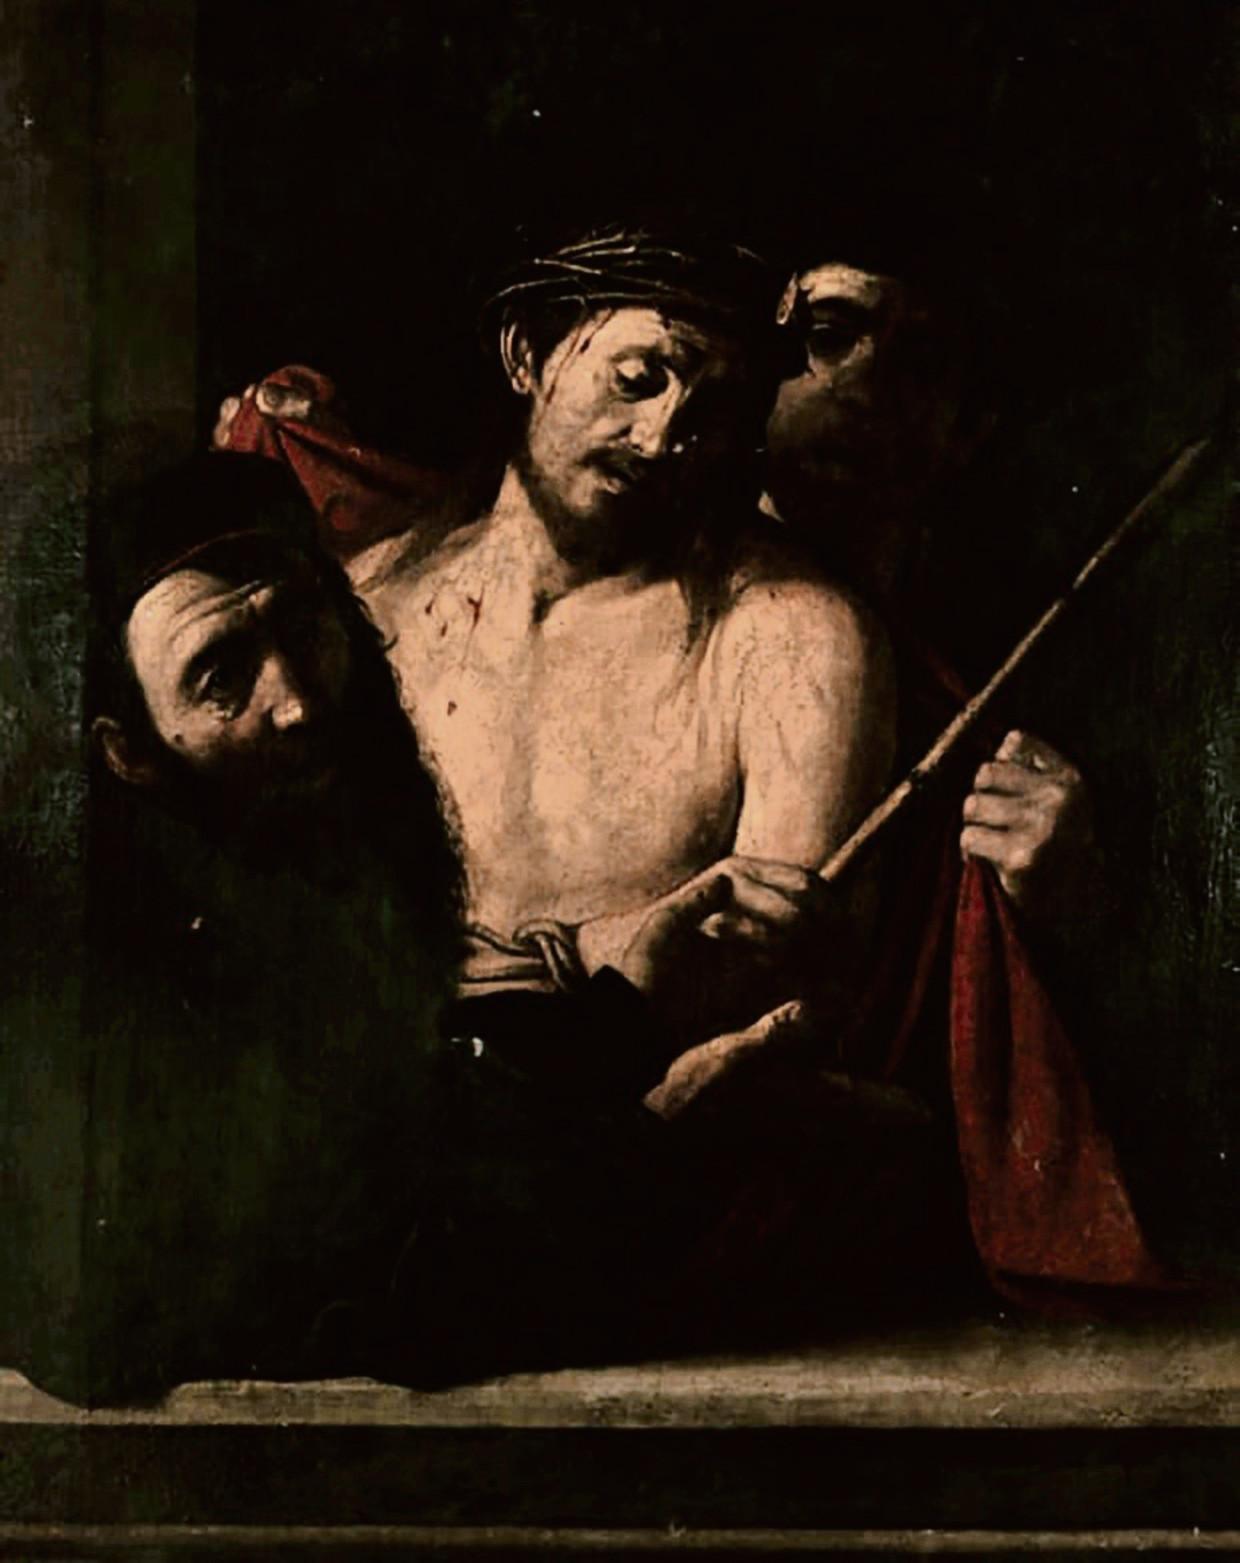 Detail van het zeventiende-eeuwse werk dat eerst aan de Spaanse schilder Ribera werd toegeschreven, maar dat mogelijk een Caravaggio is. Beeld © ansorena